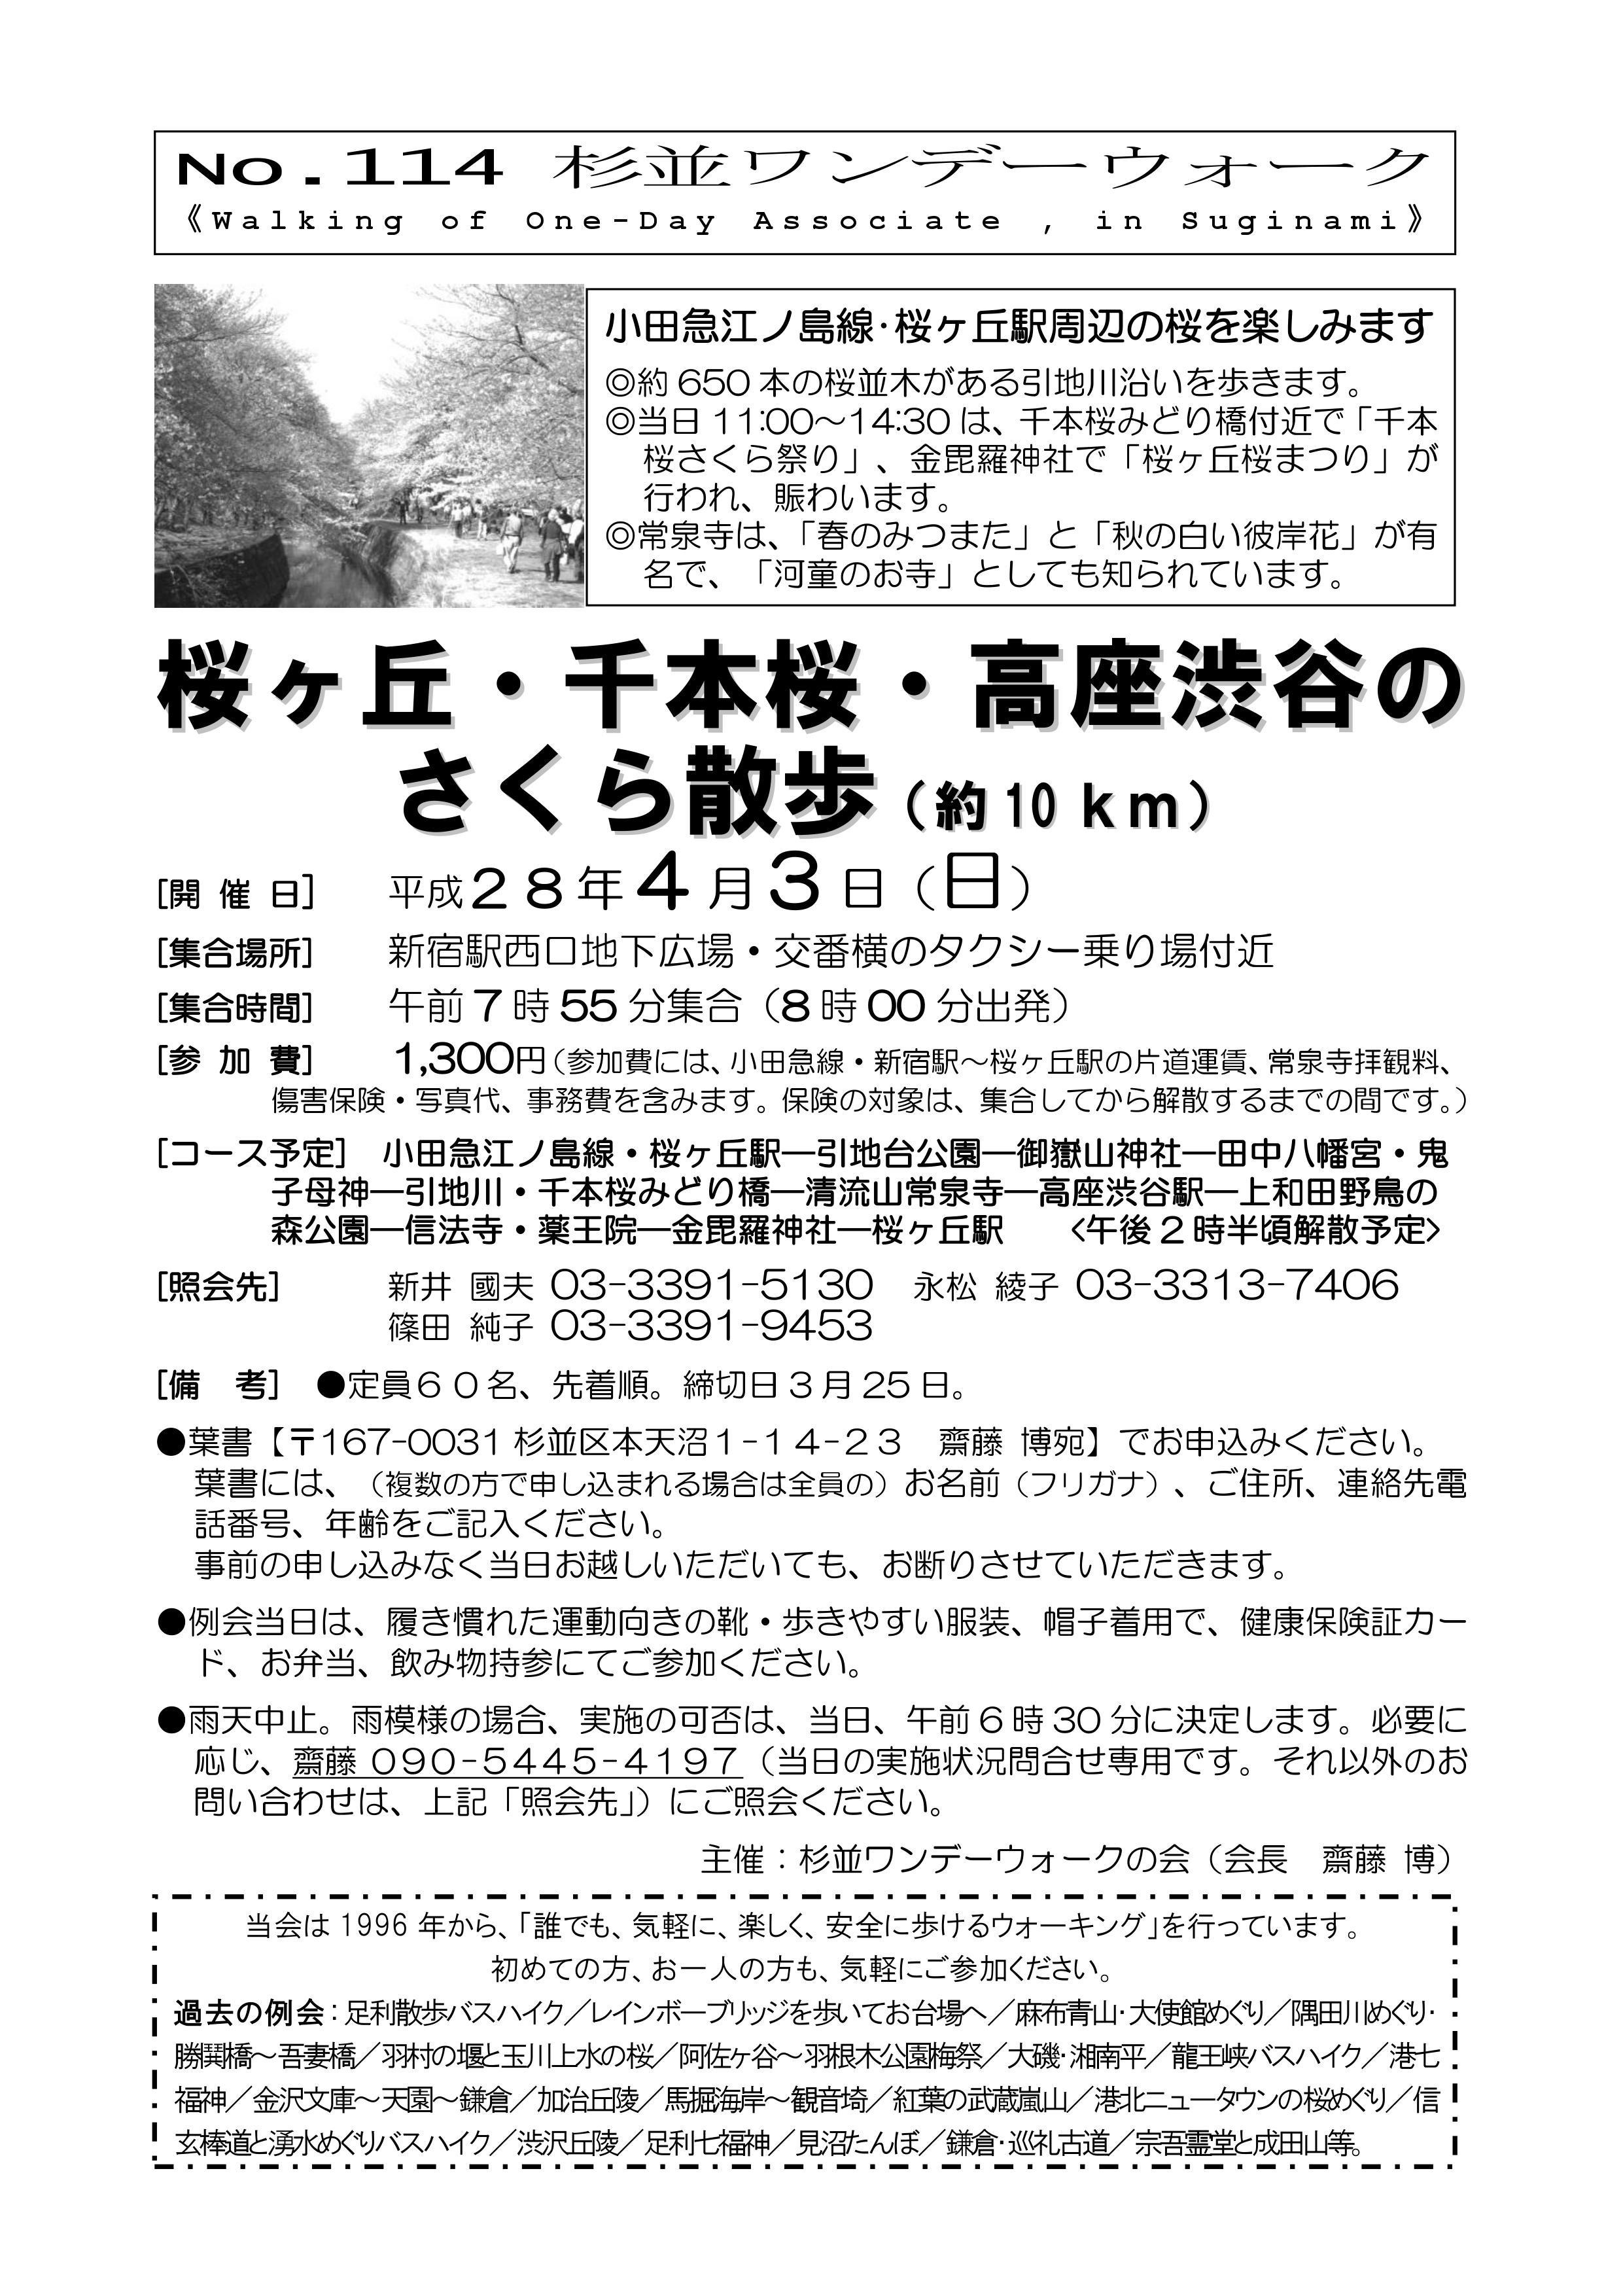 No114-桜ケ岡・千本桜・高座渋谷のさくら散歩